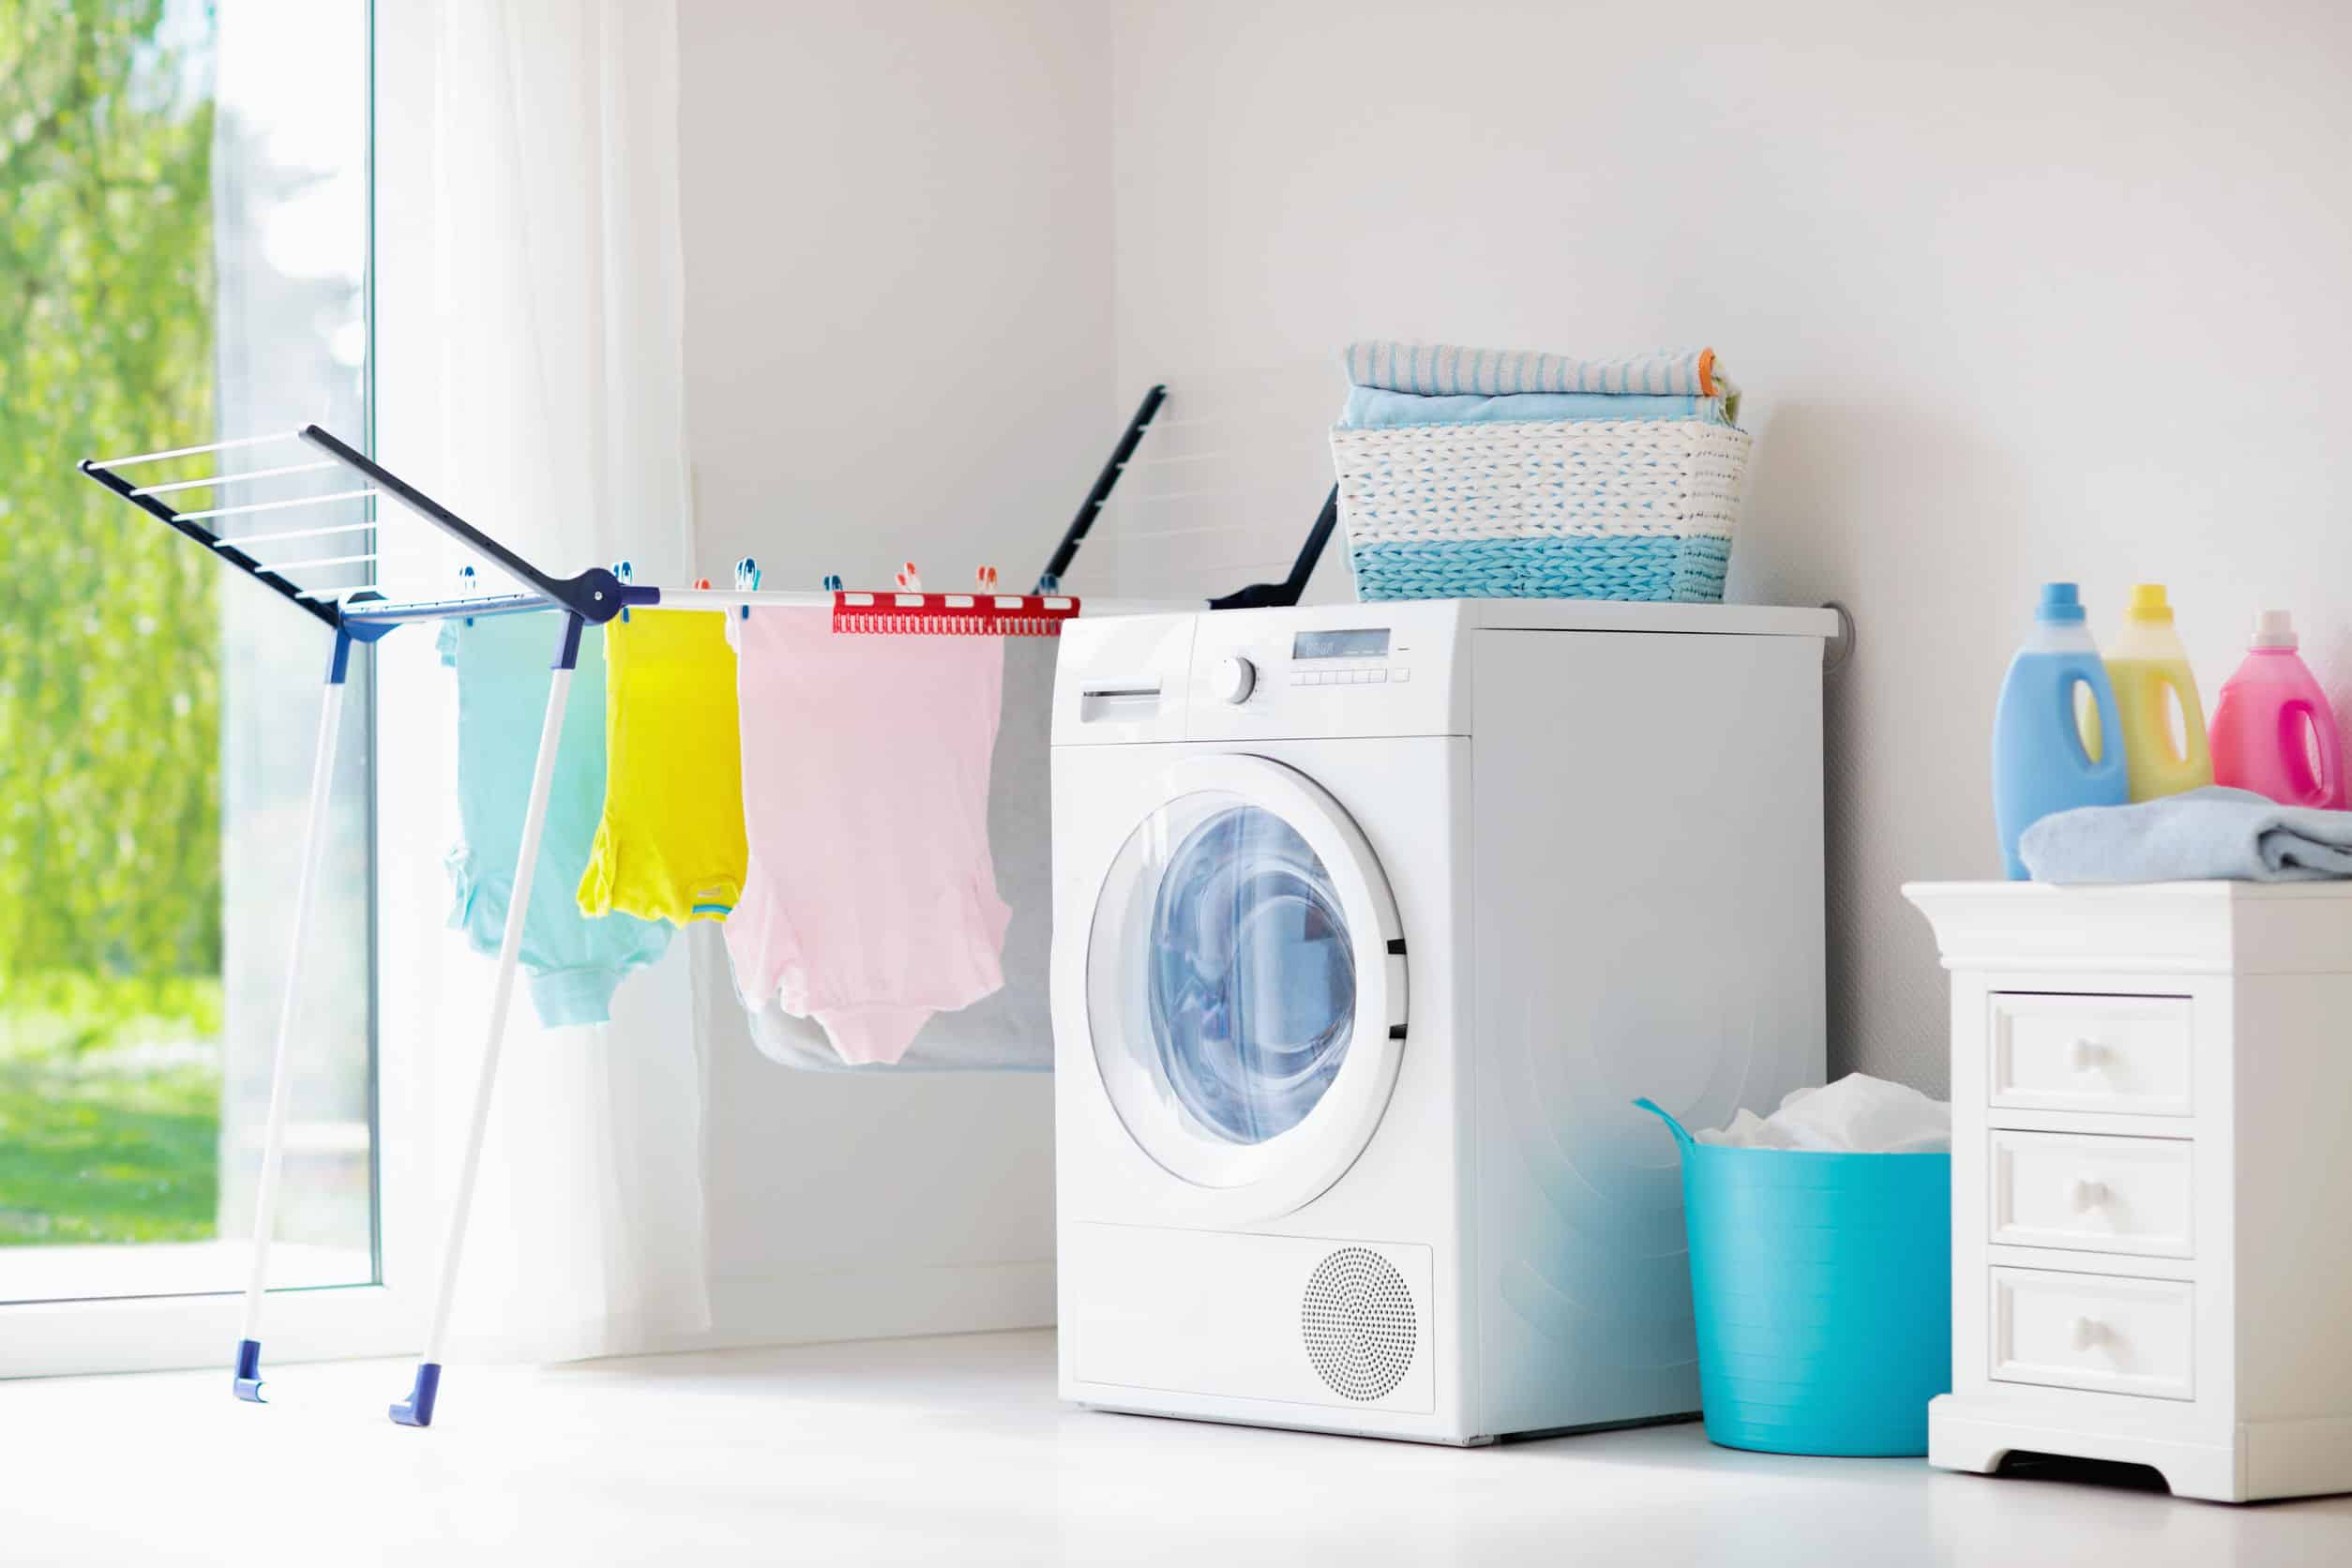 Wäscheständer: Test & Empfehlungen (03/21)